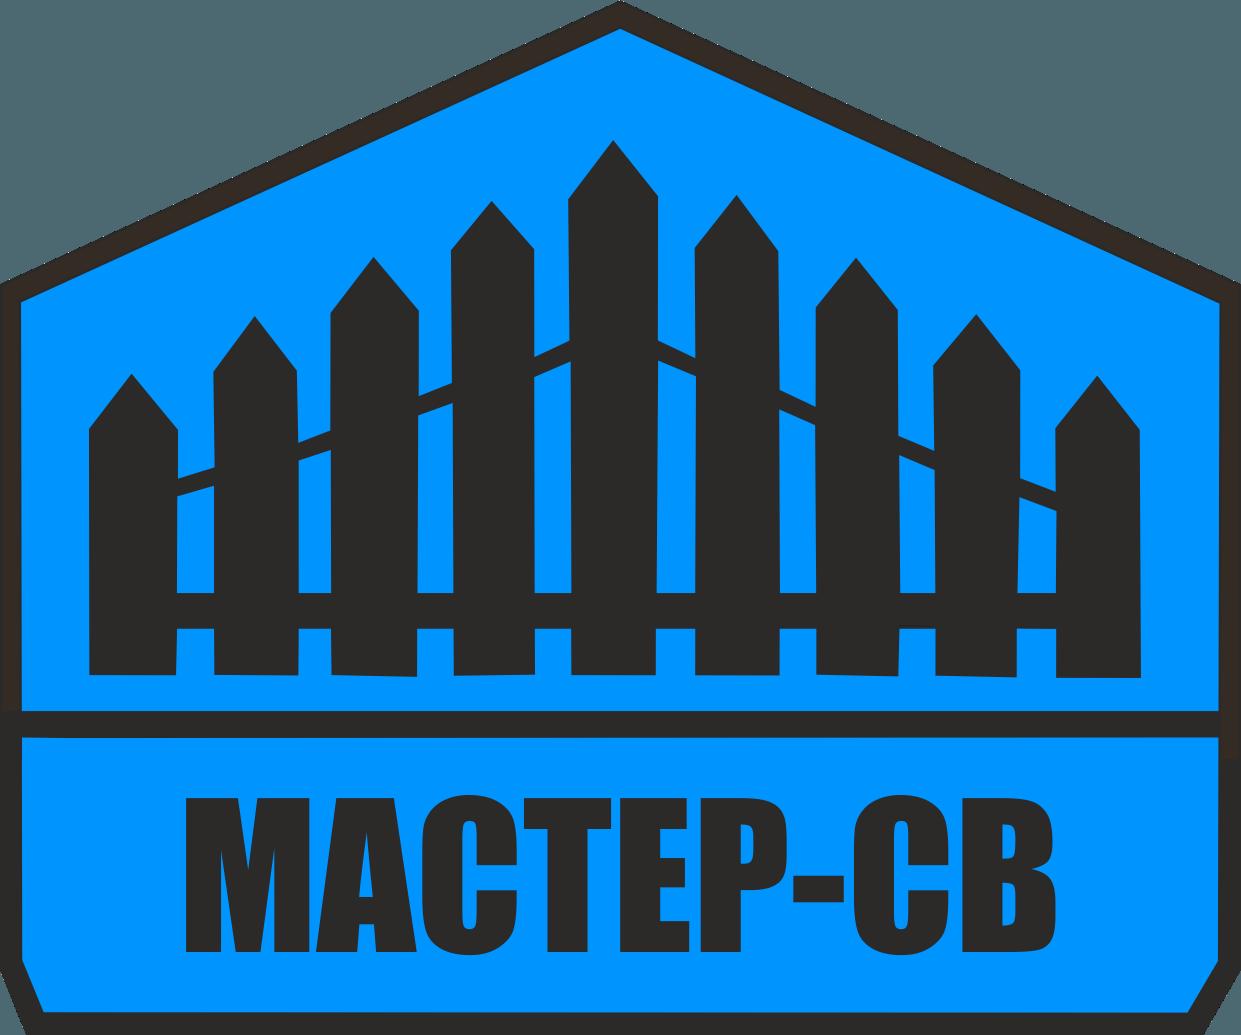 Установка заборов Воскресенск